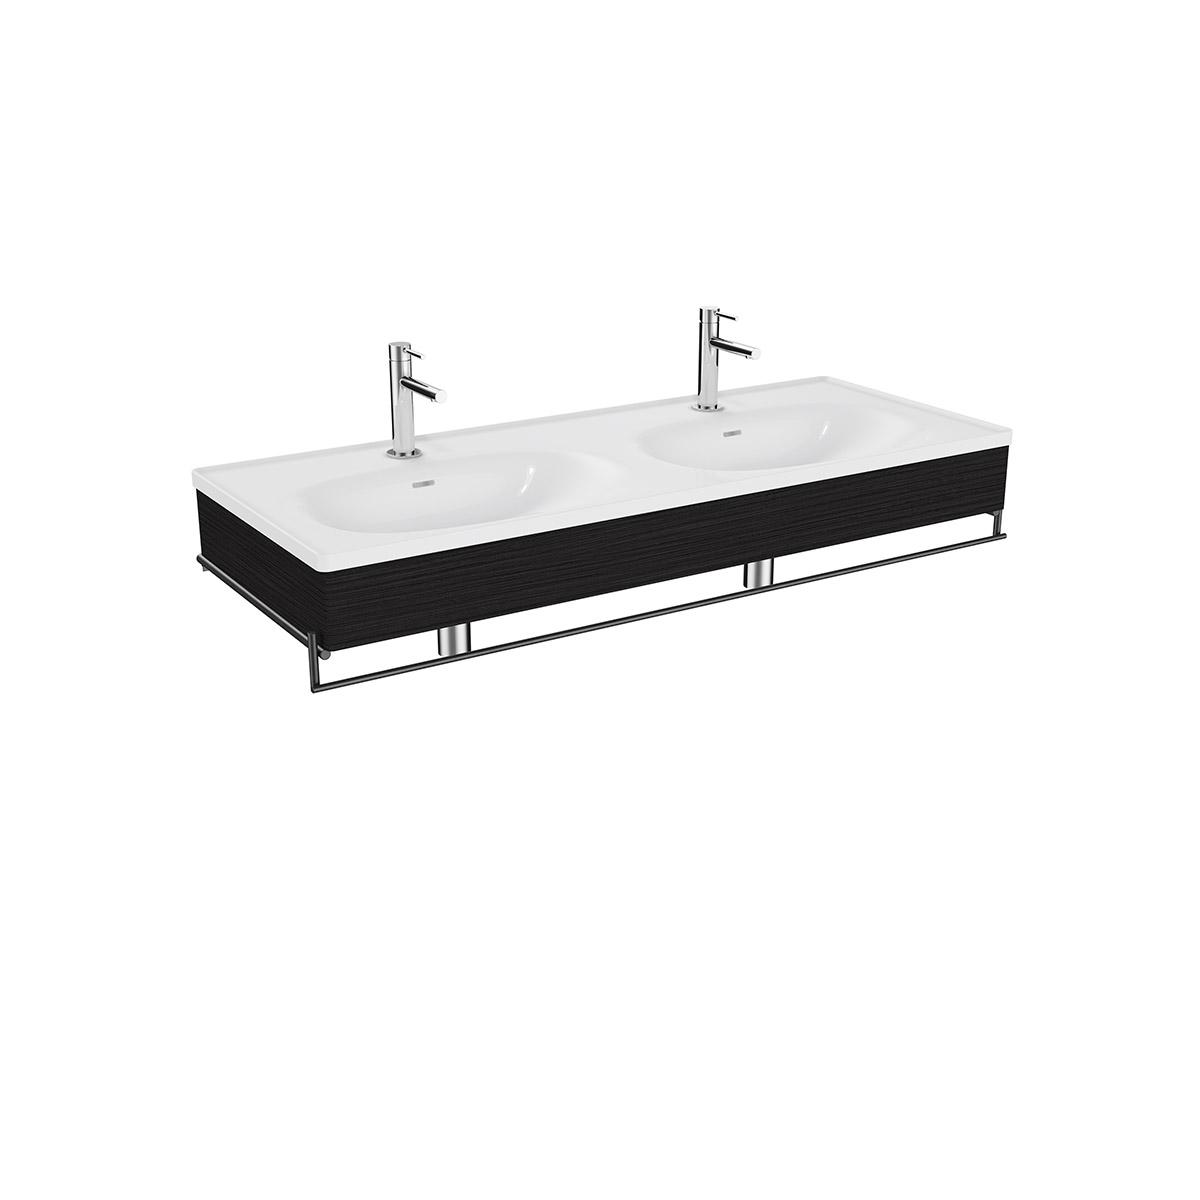 Equal Set Doppelwaschtisch, 130 cm, mit Holzblende und Handtuchhalter, Weiß Hochglanz/Schwarz-Eiche